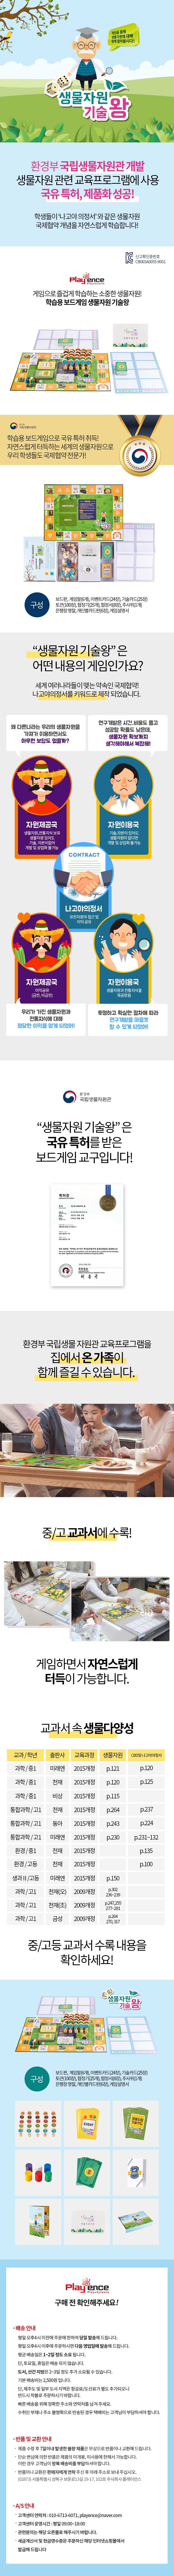 (주)플레이언스-생물자원왕-최종-A(자사용)